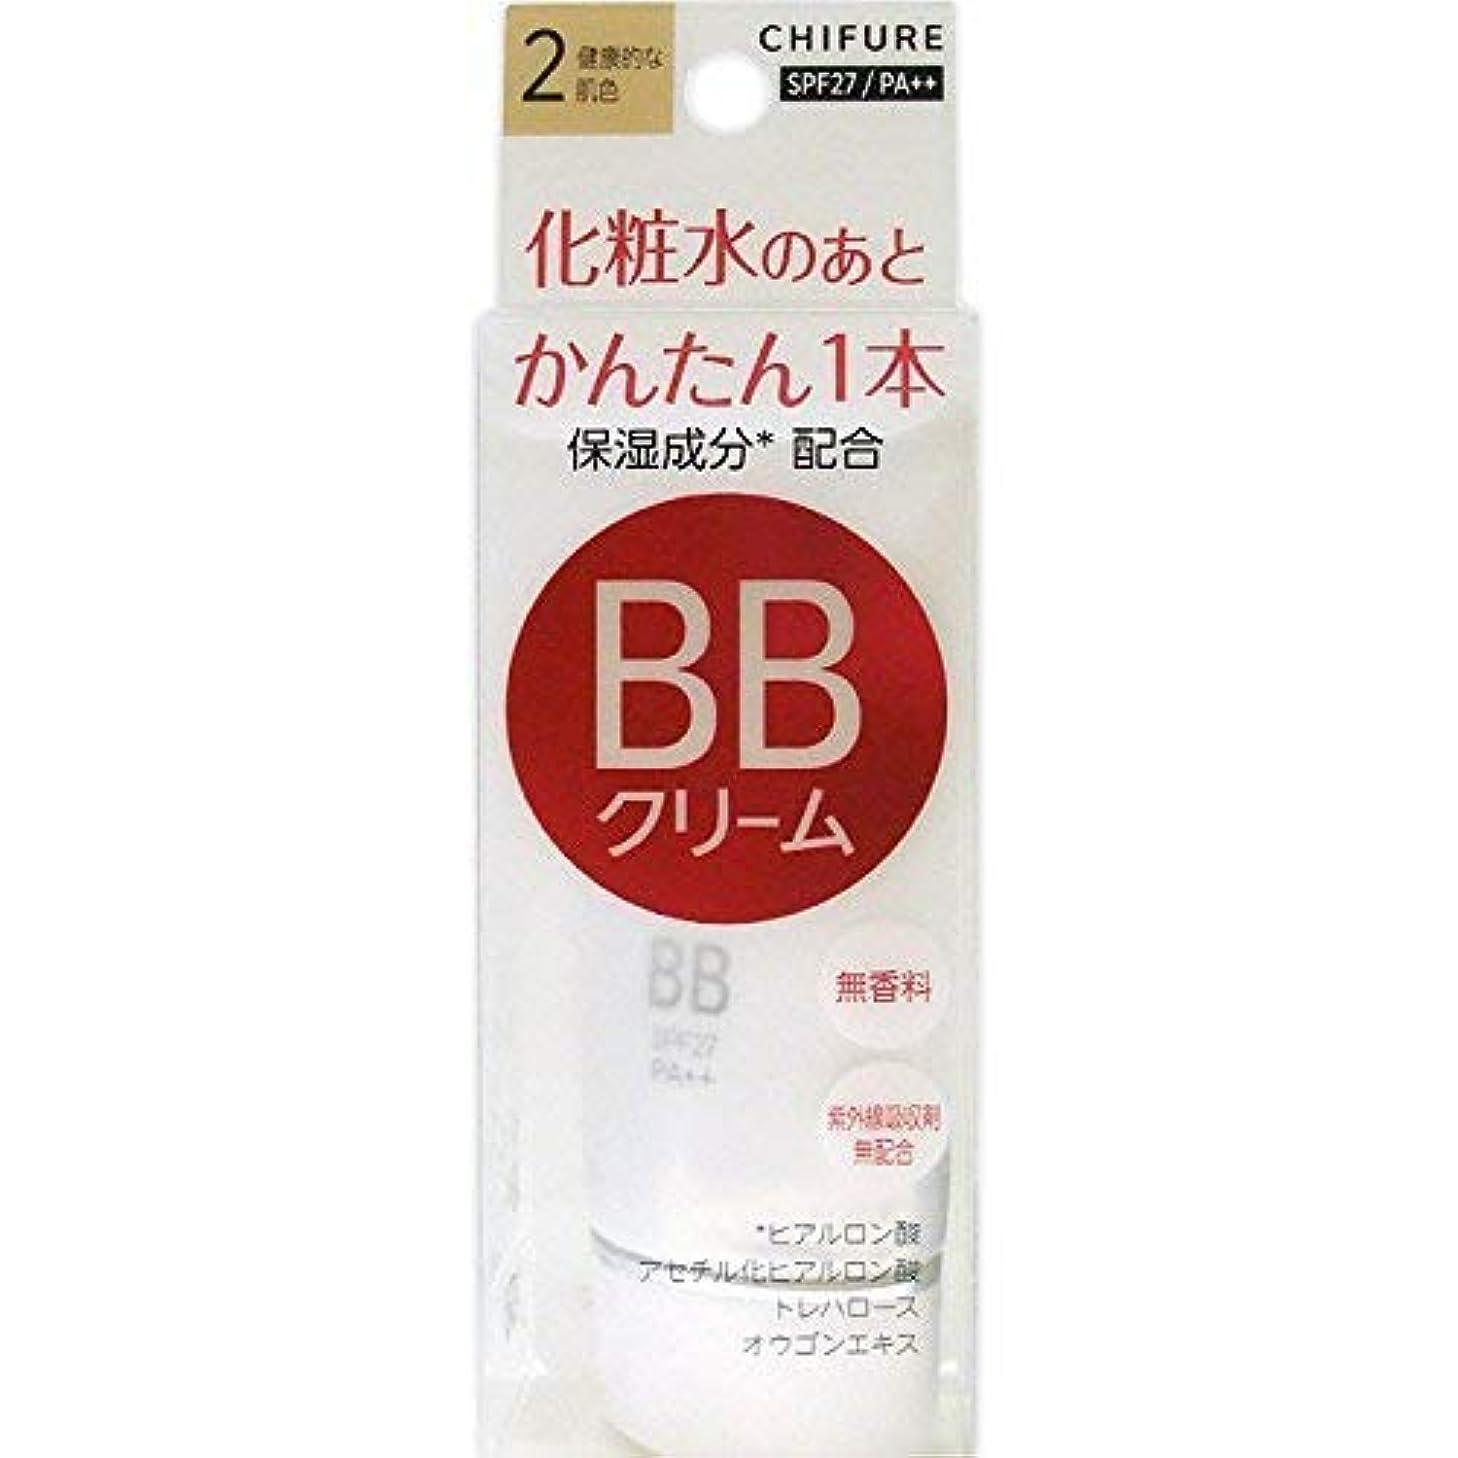 生産的知覚パイルちふれ化粧品 BB クリーム 2 健康的な肌色 BBクリーム 2